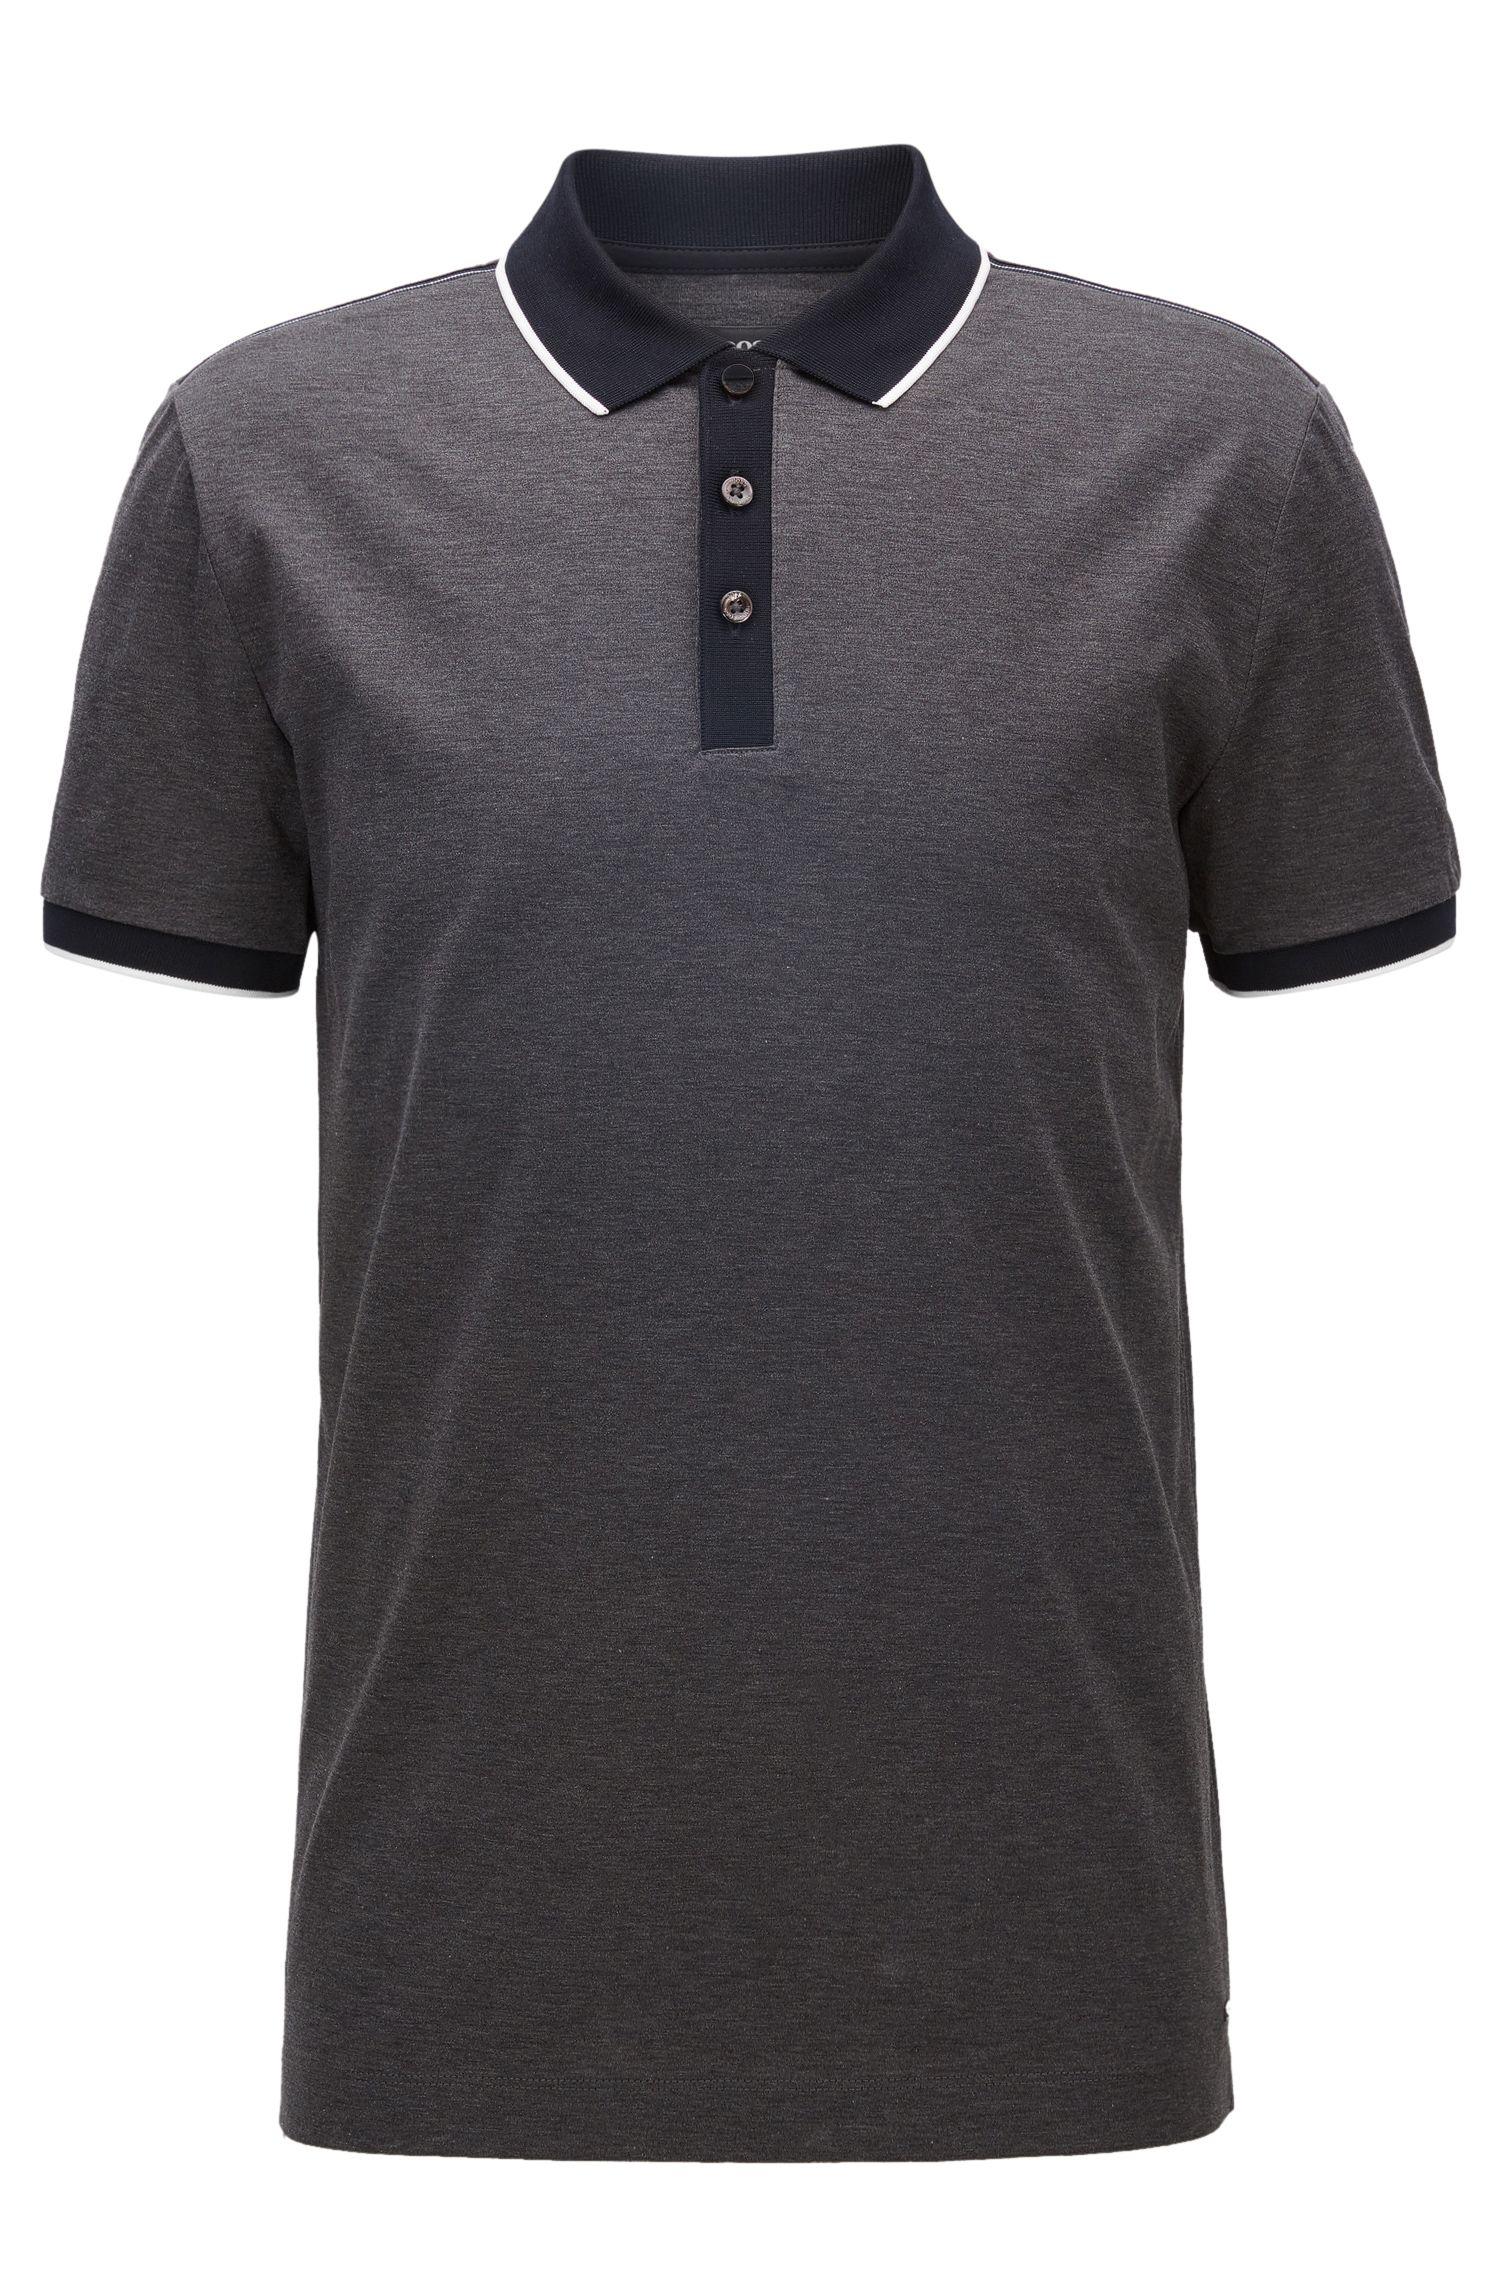 Polo Slim Fit en double coton mercerisé à bordures contrastantes sur les épaules